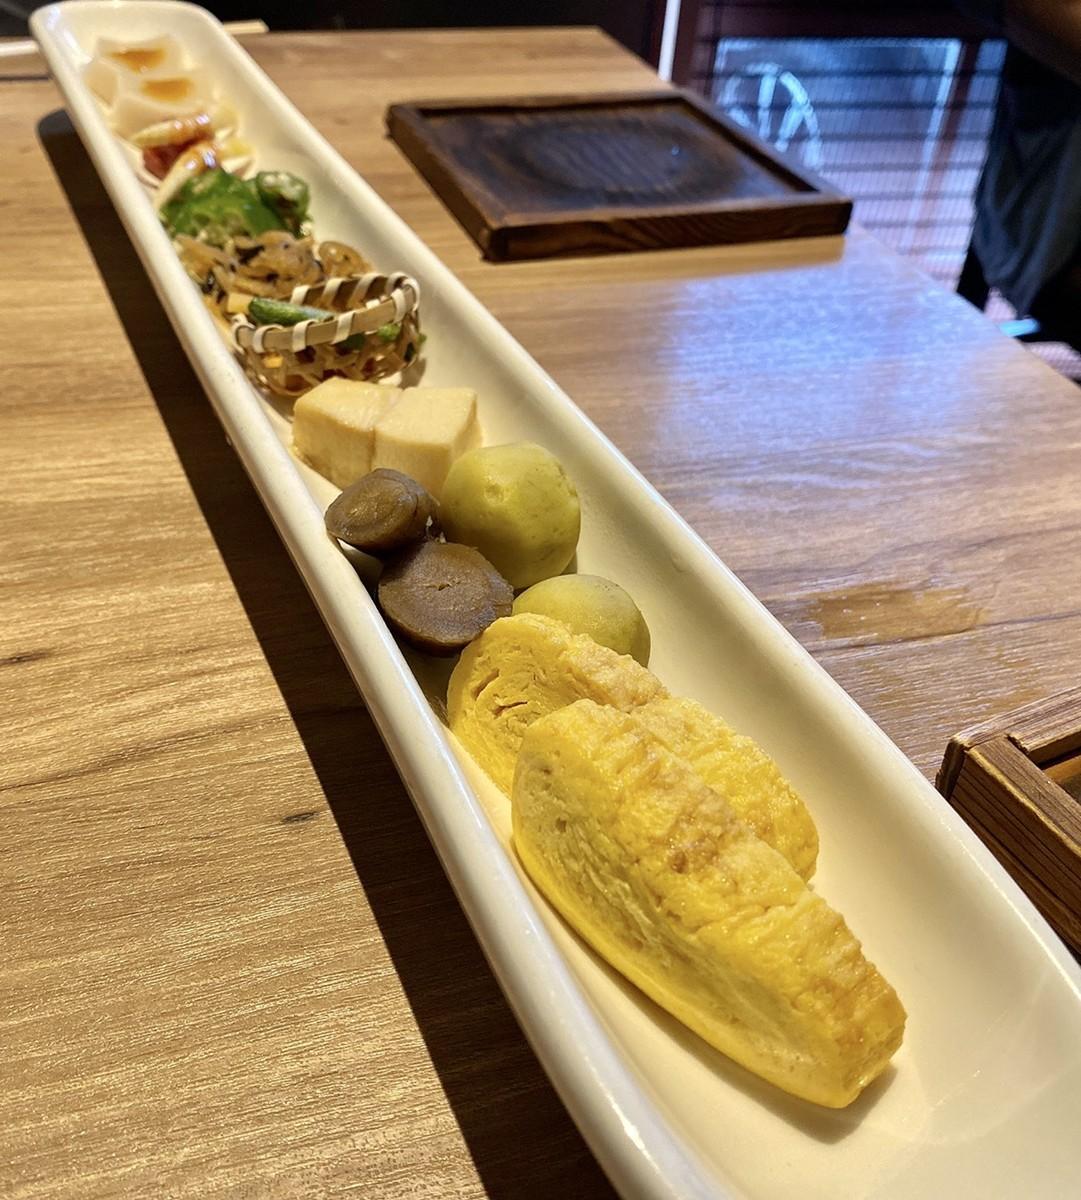 出し巻き卵 ごぼう 芋 豆腐 オクラ